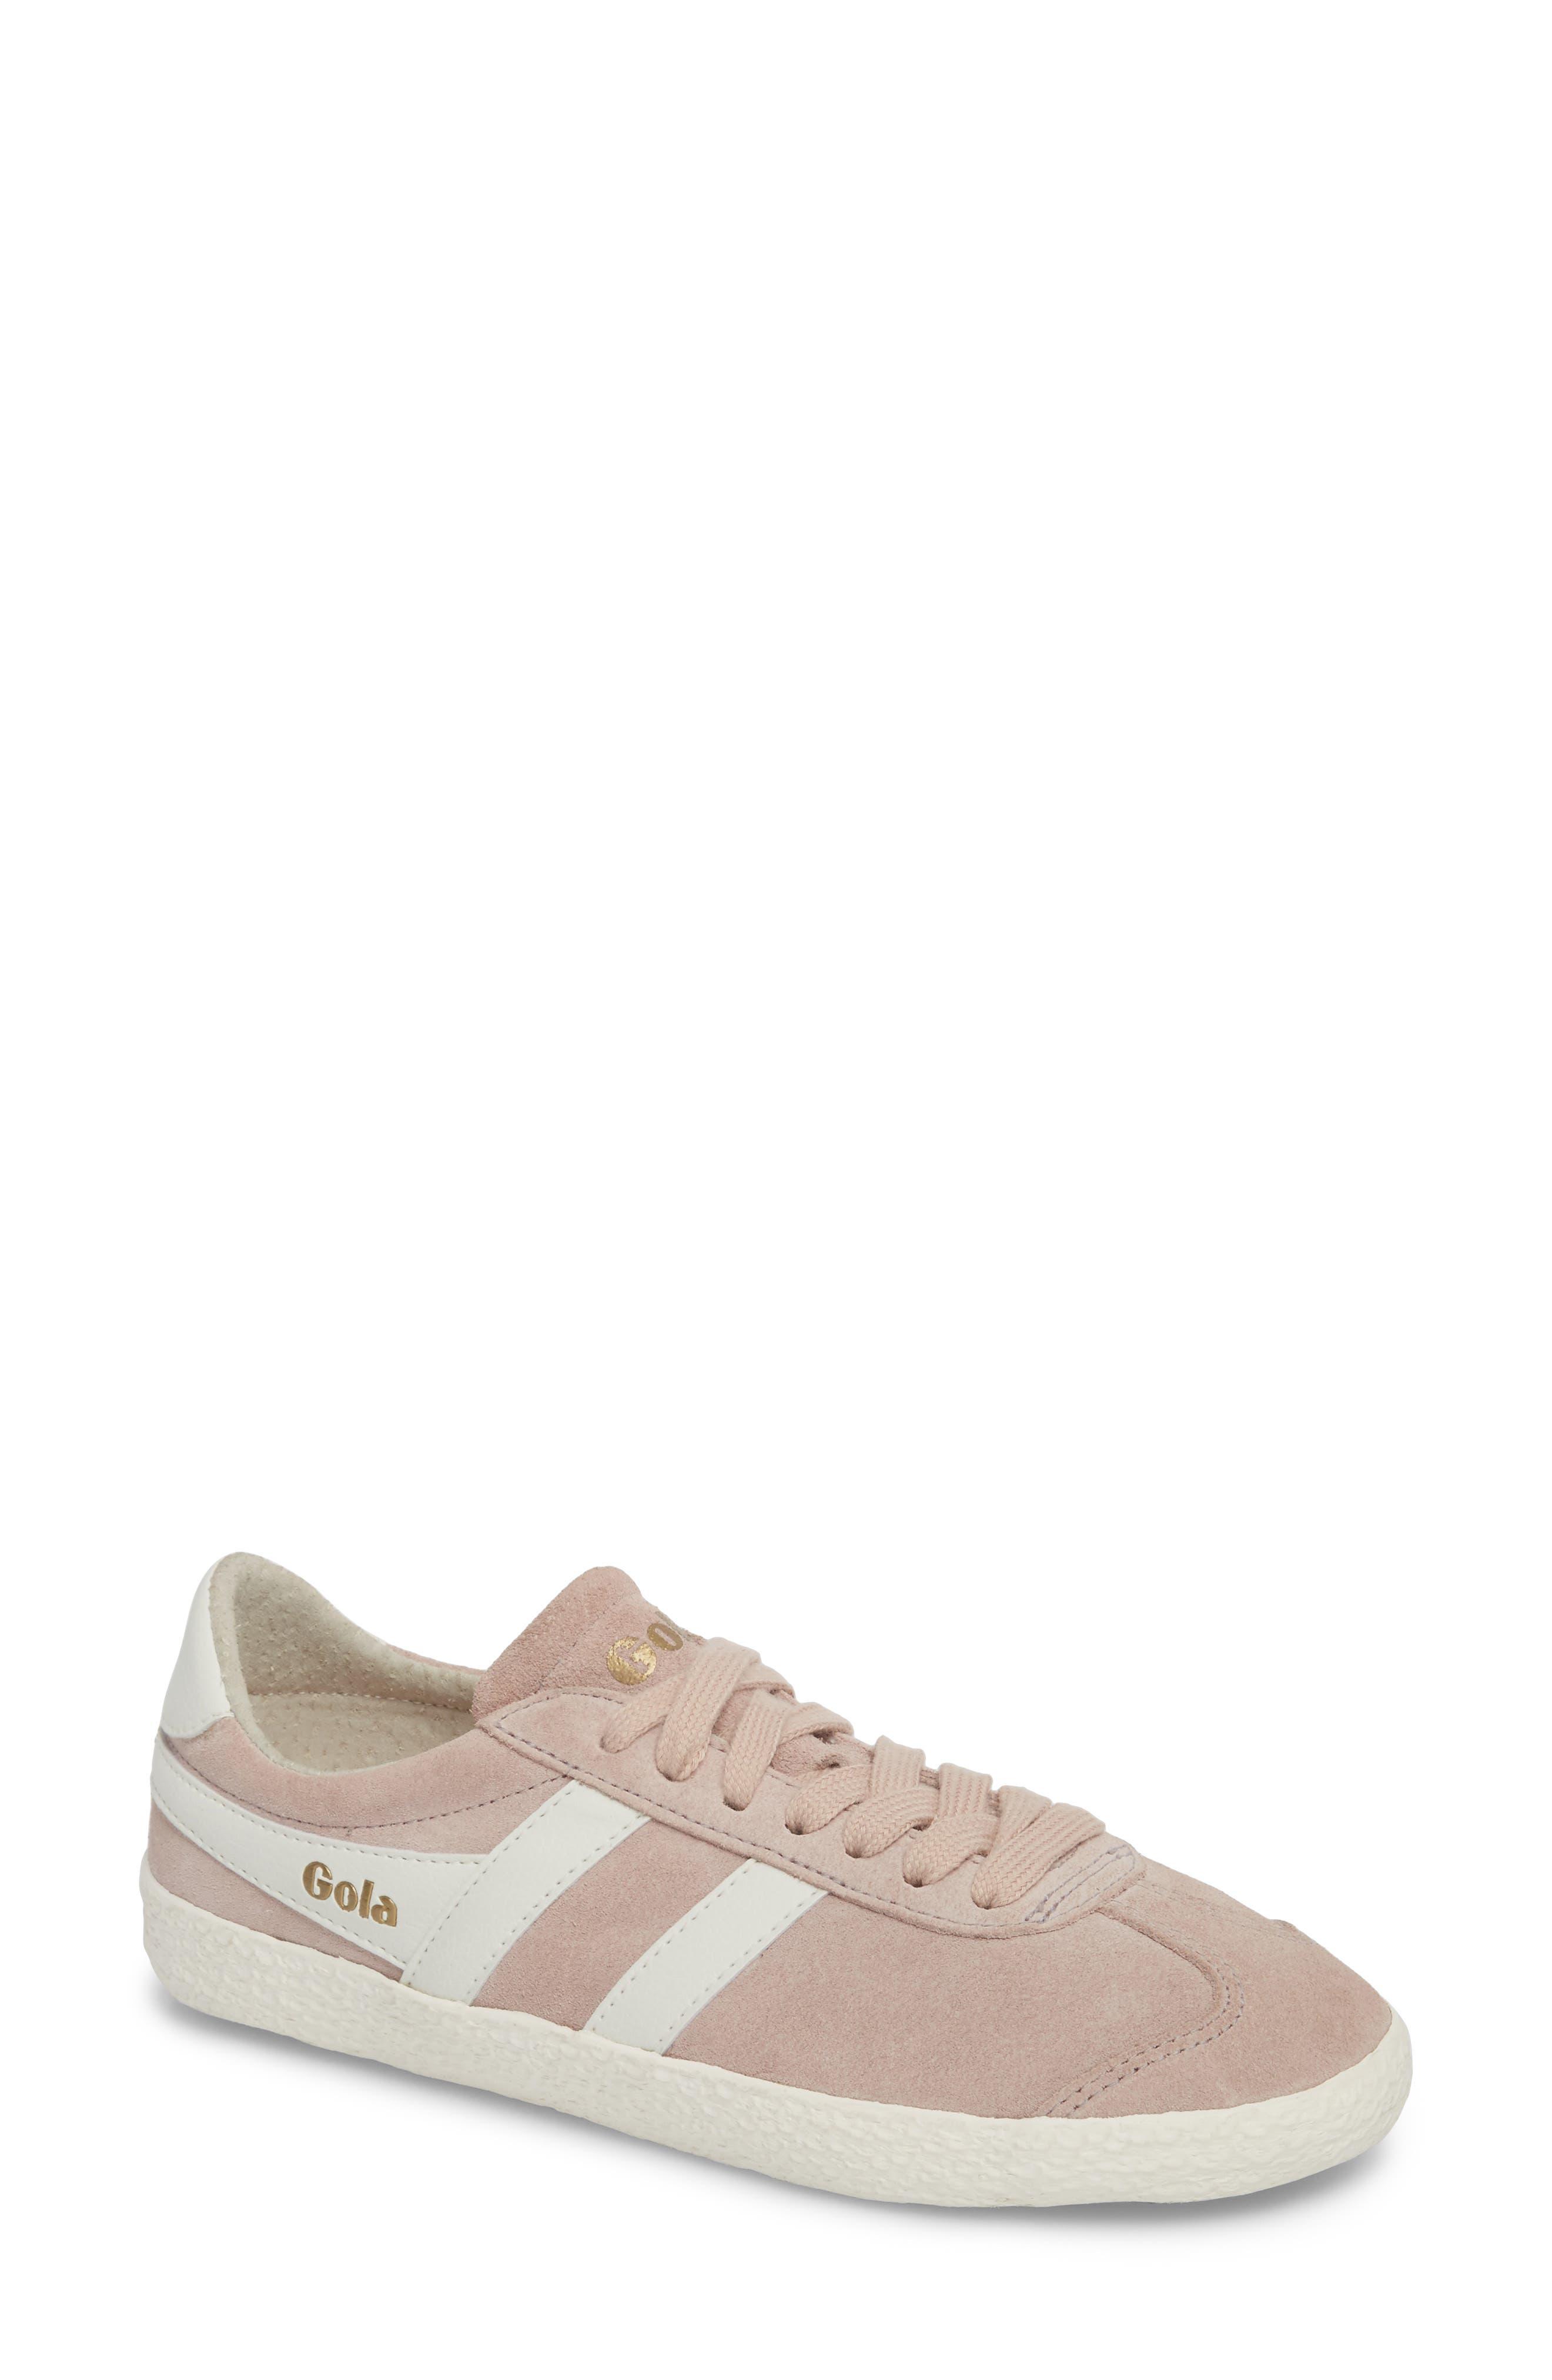 Gola Specialist Low Top Sneaker (Women)